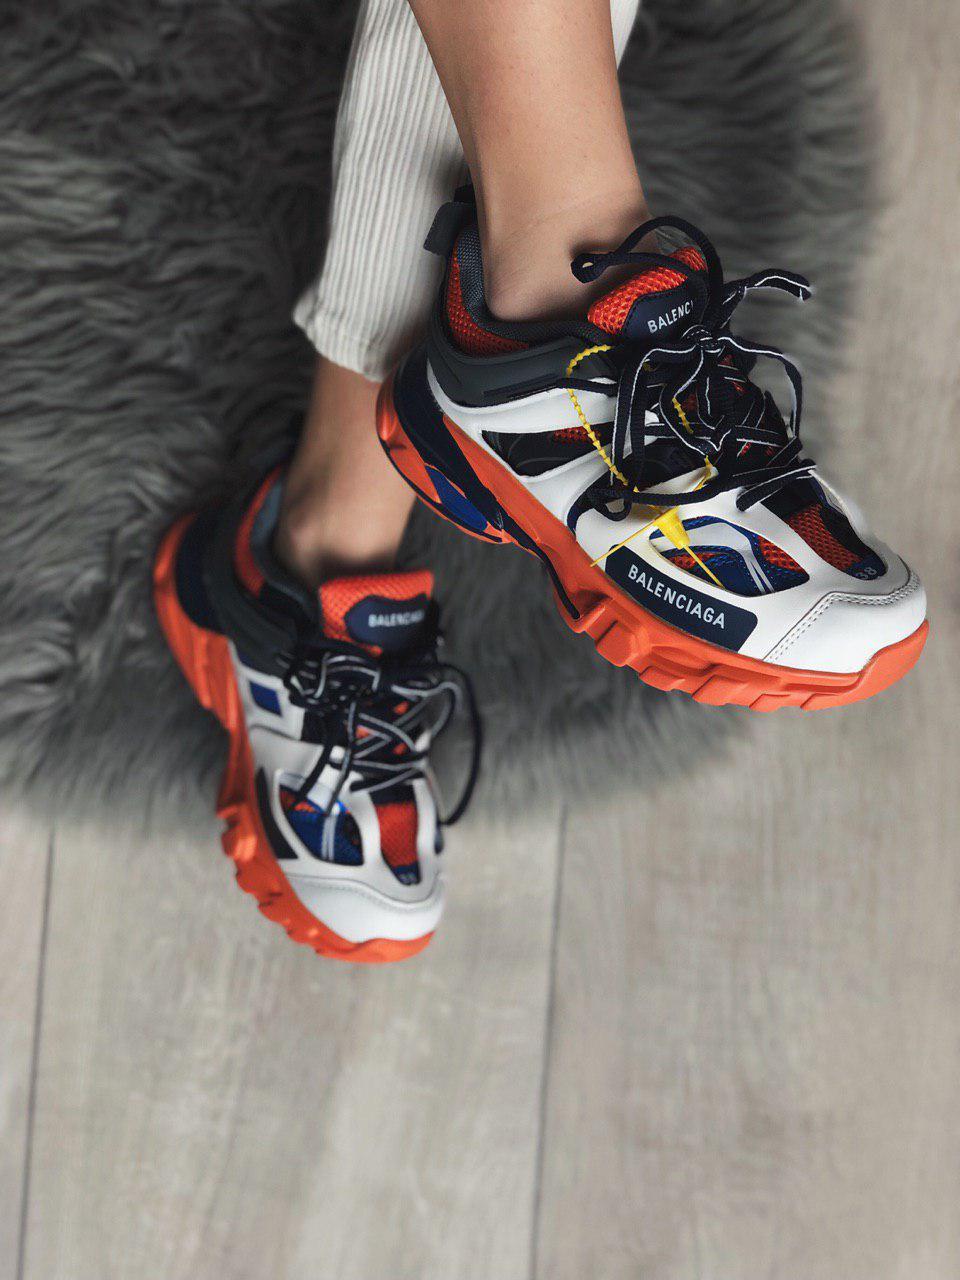 Used Balenciaga Track Shoes for sale in Sunnyvale letgo